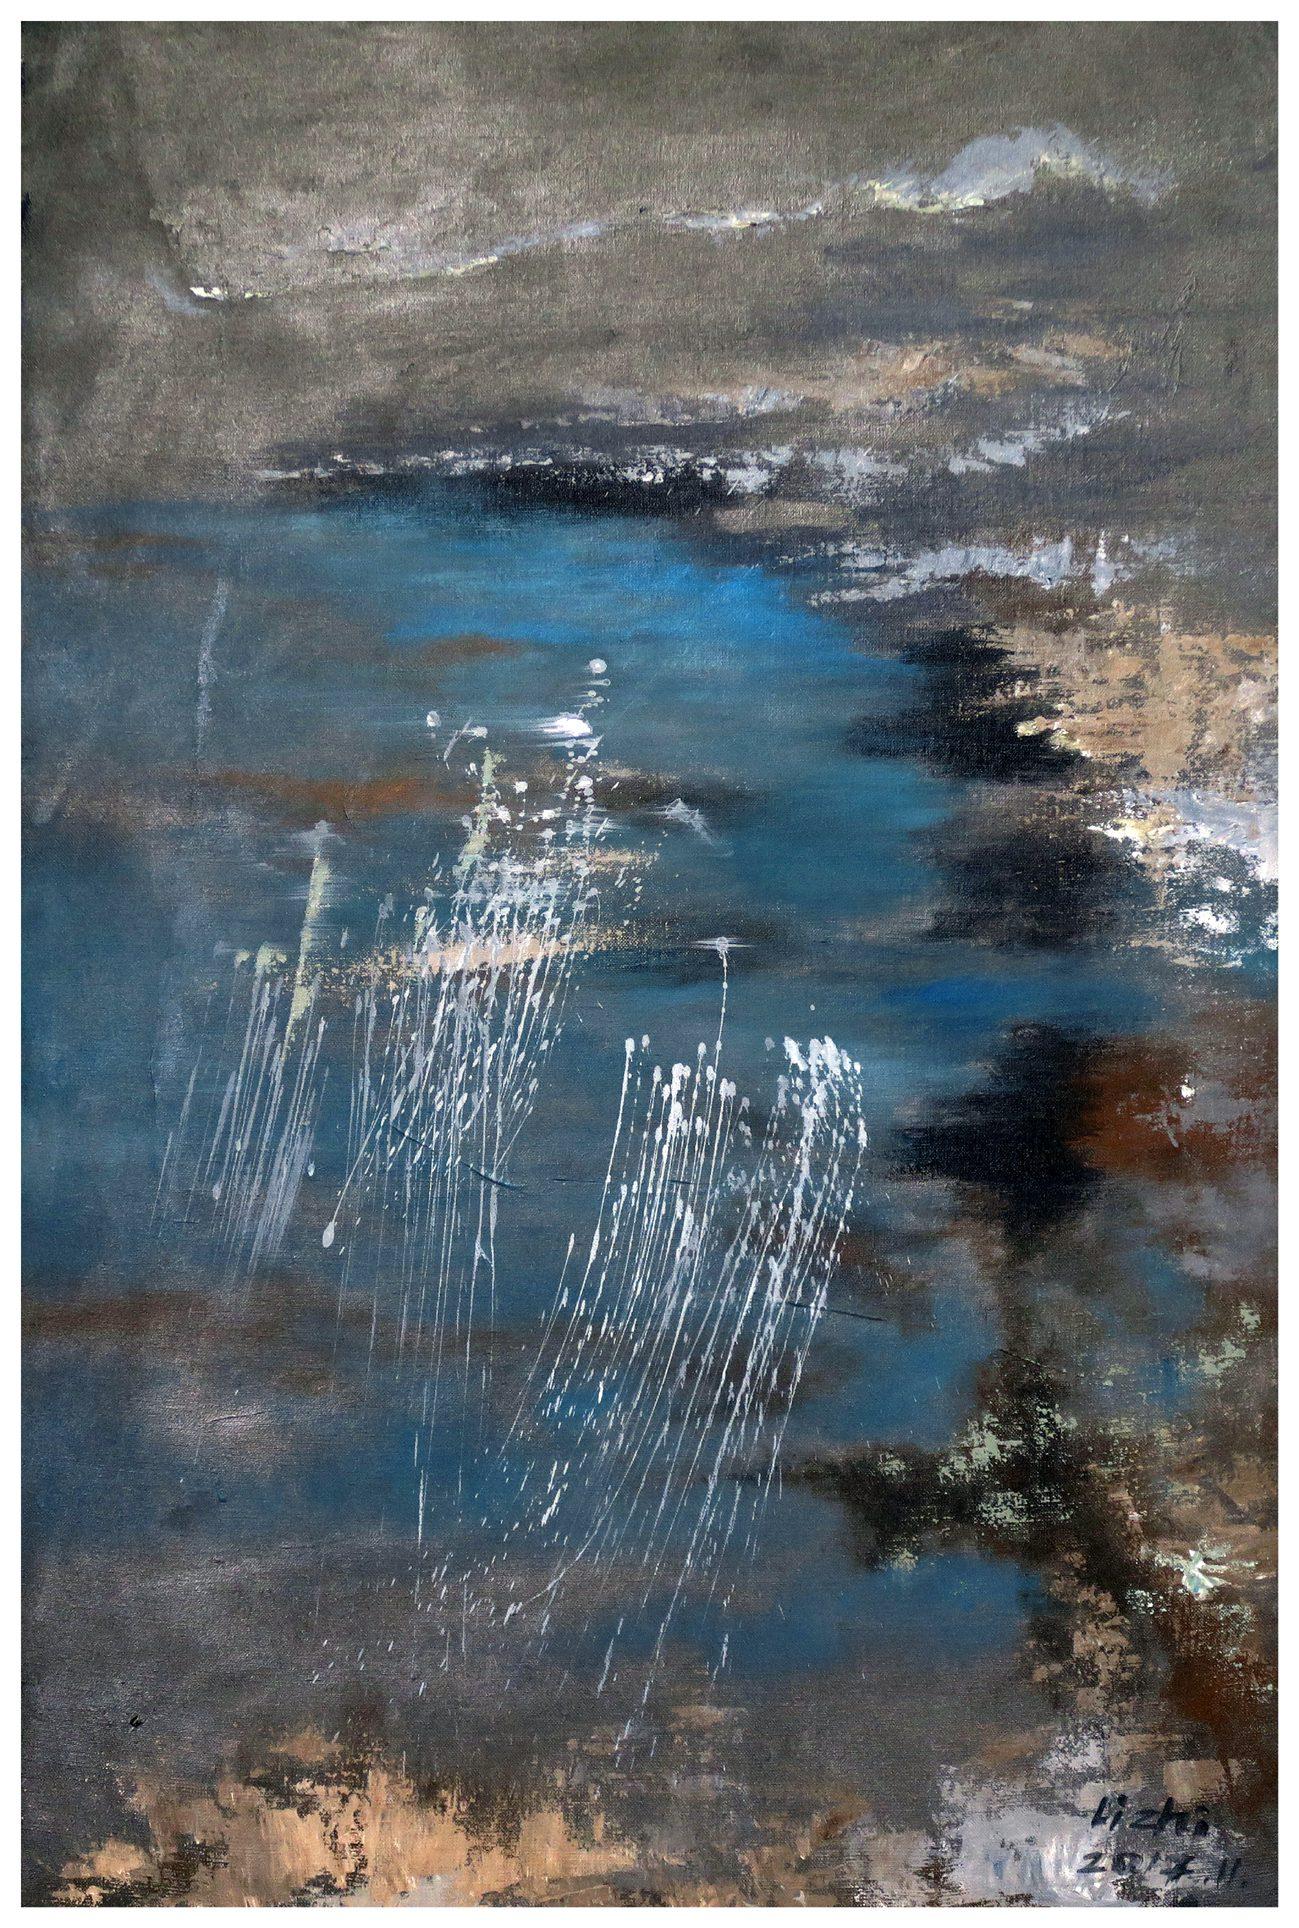 Li Zhi Spiegelung des Mondes in Wasserwellen 2017, Acrylic, propylene on canvas. 120 x 80 cm, framed.